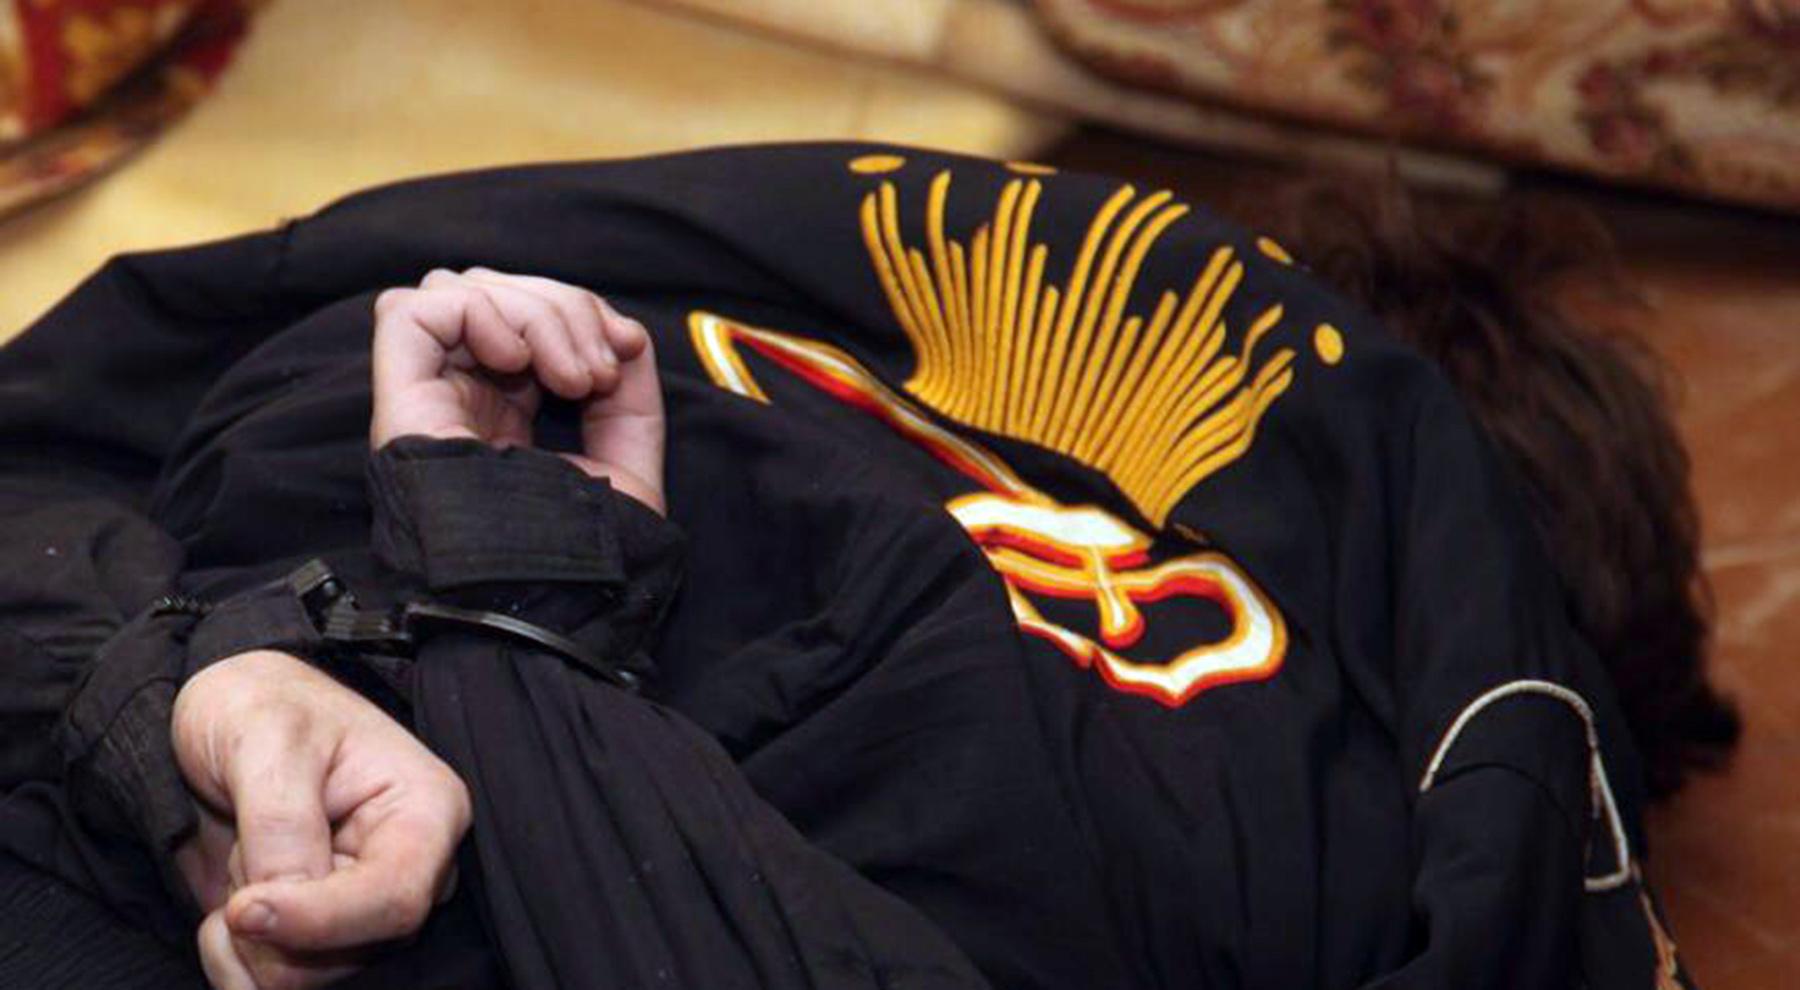 Задержанного запохищение ребёнка подВладимиром подозревают внасилии